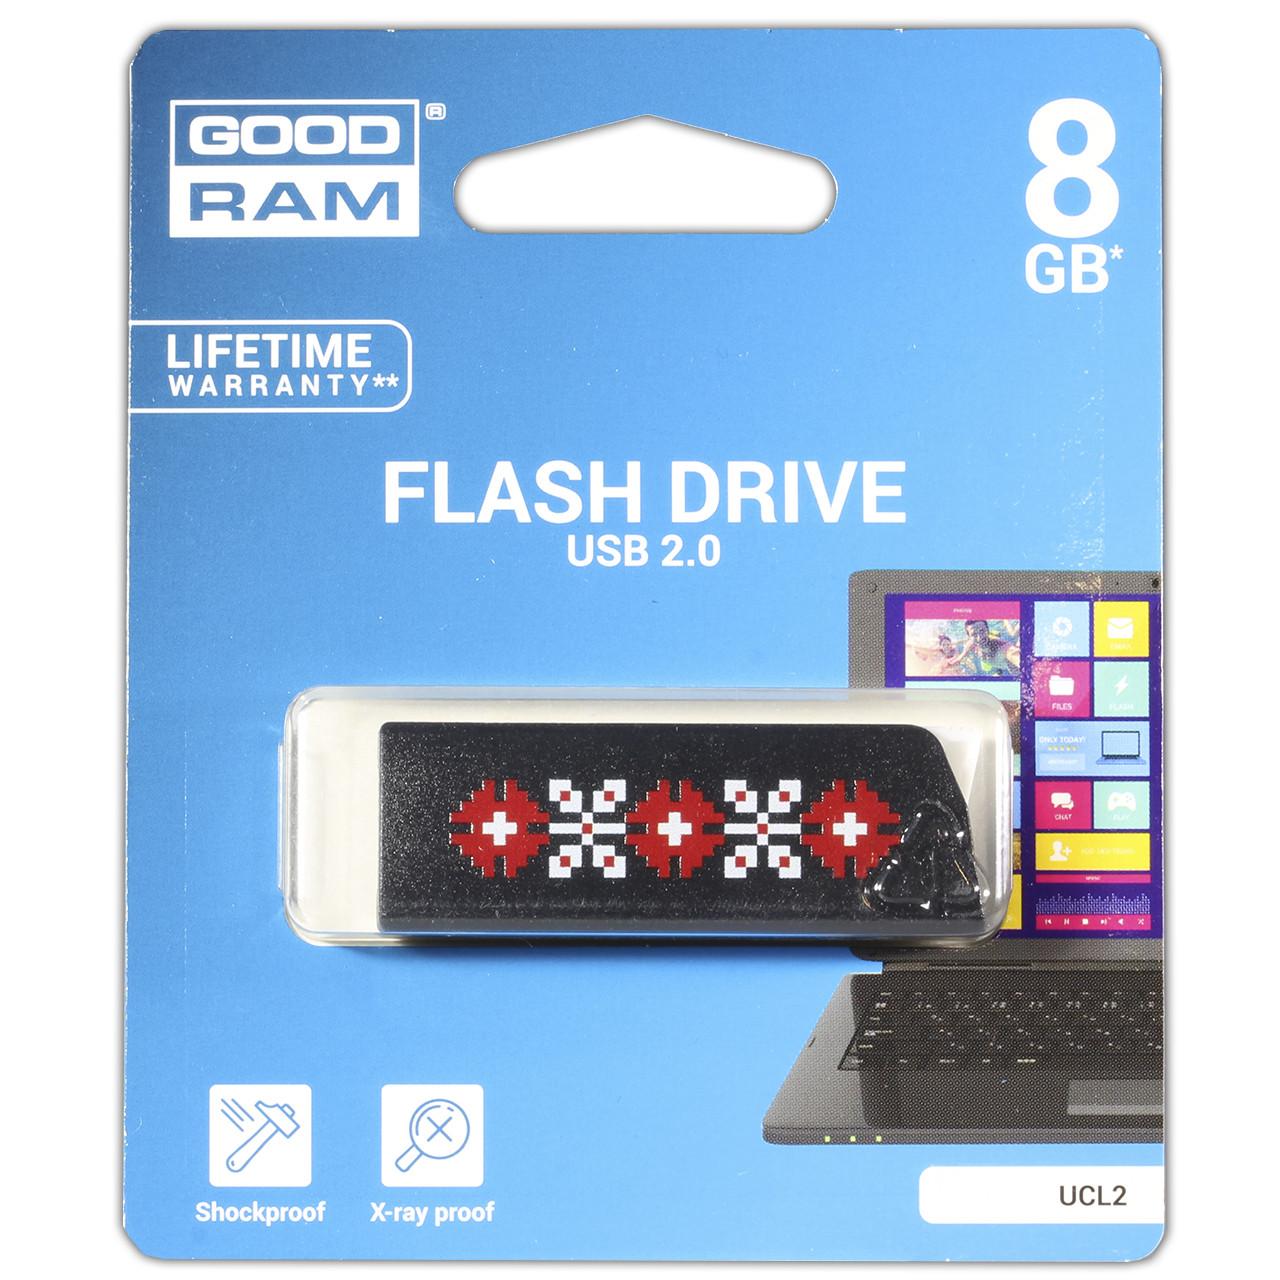 Универсальная флешка GOODRAM UCL2 8 GB Белая для компьютера ноутбука хранения фото видео музыки текста